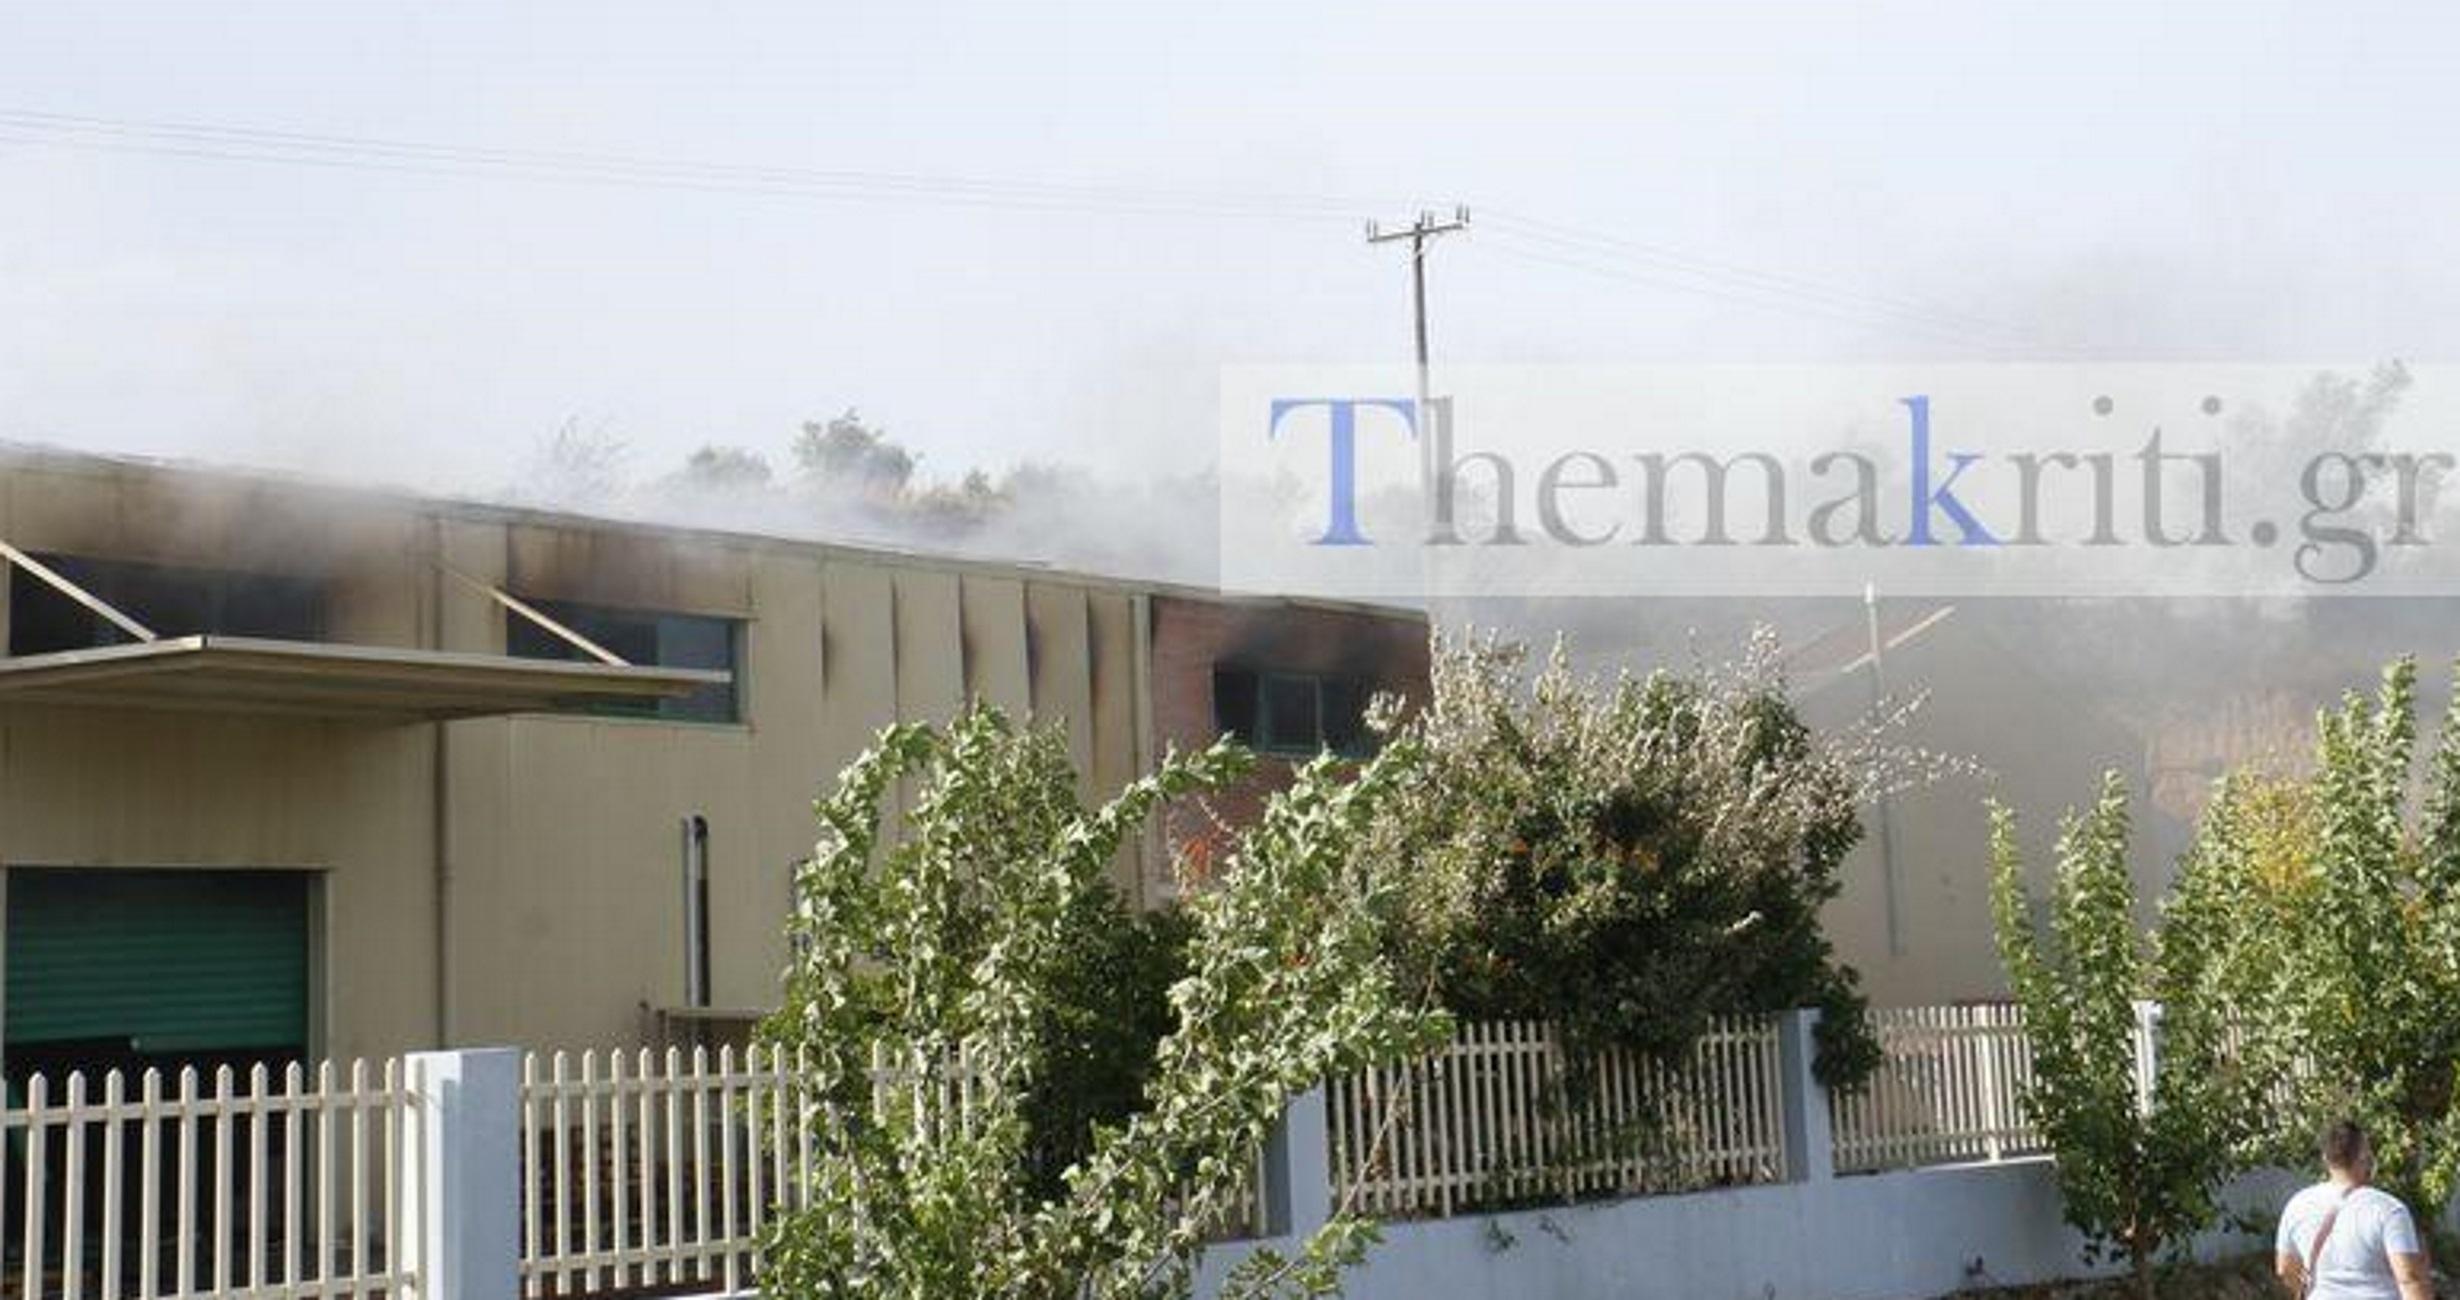 Κρήτη: Καταστροφές σε εργοστάσιο από τη μεγάλη φωτιά στον Κρούσωνα! Στο νοσοκομείο ο ιδιοκτήτης του (Βίντεο)